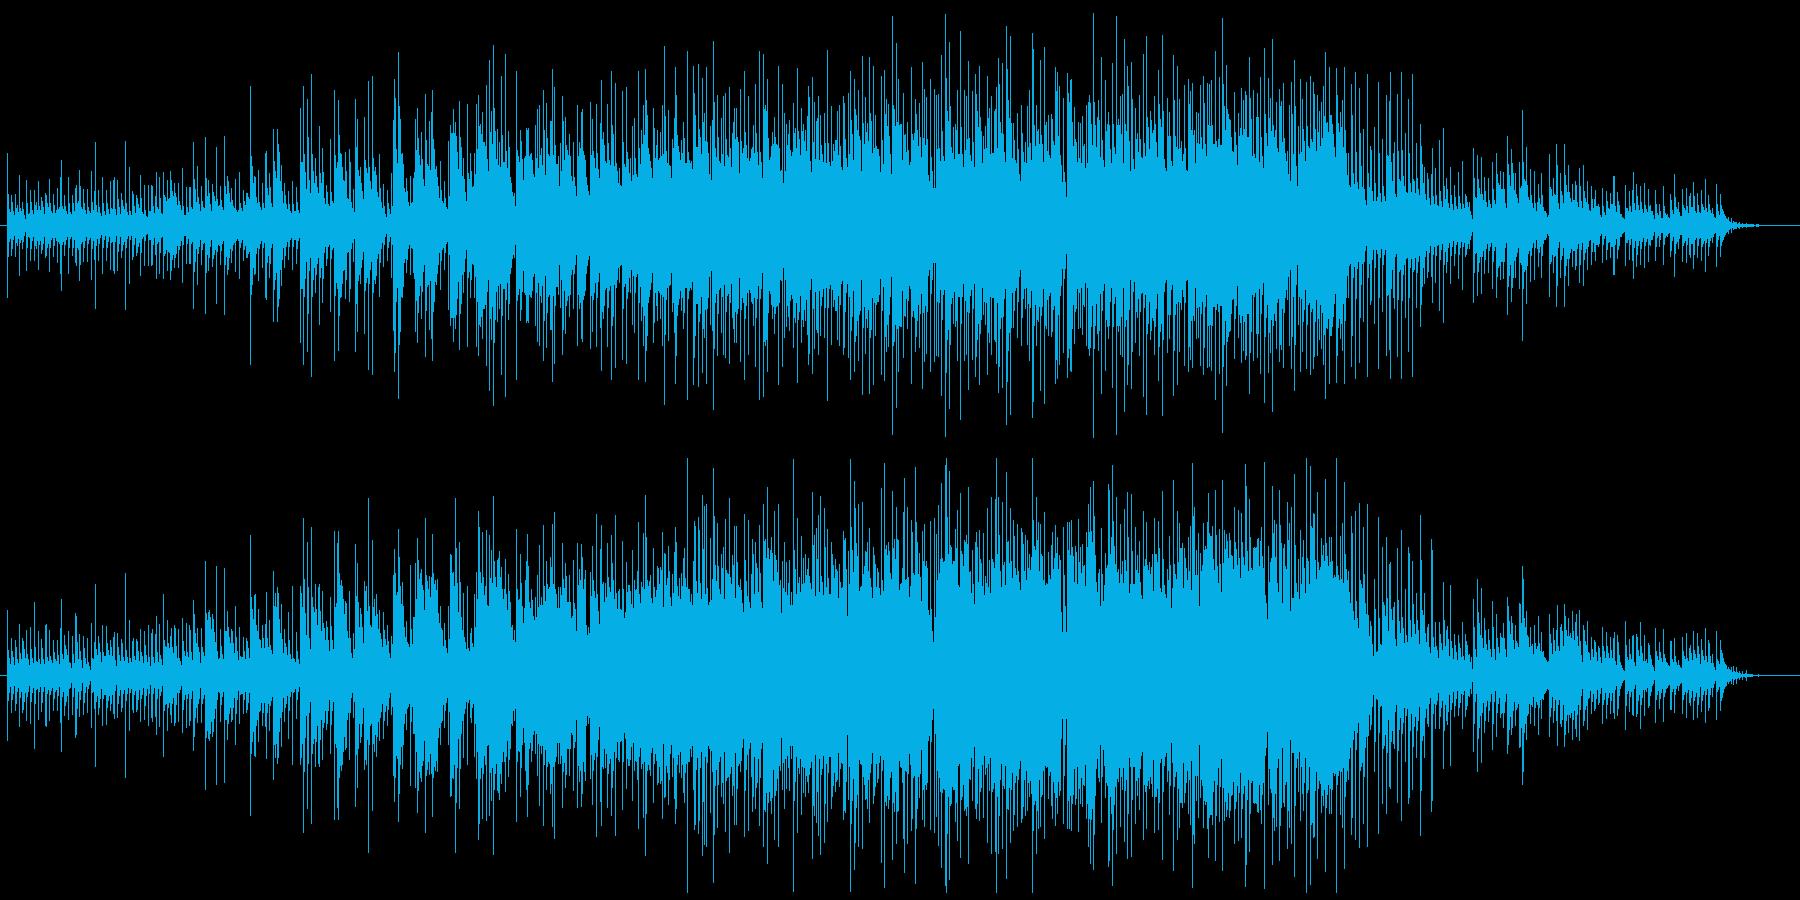 妖艶なガムランと太鼓で舞うの再生済みの波形